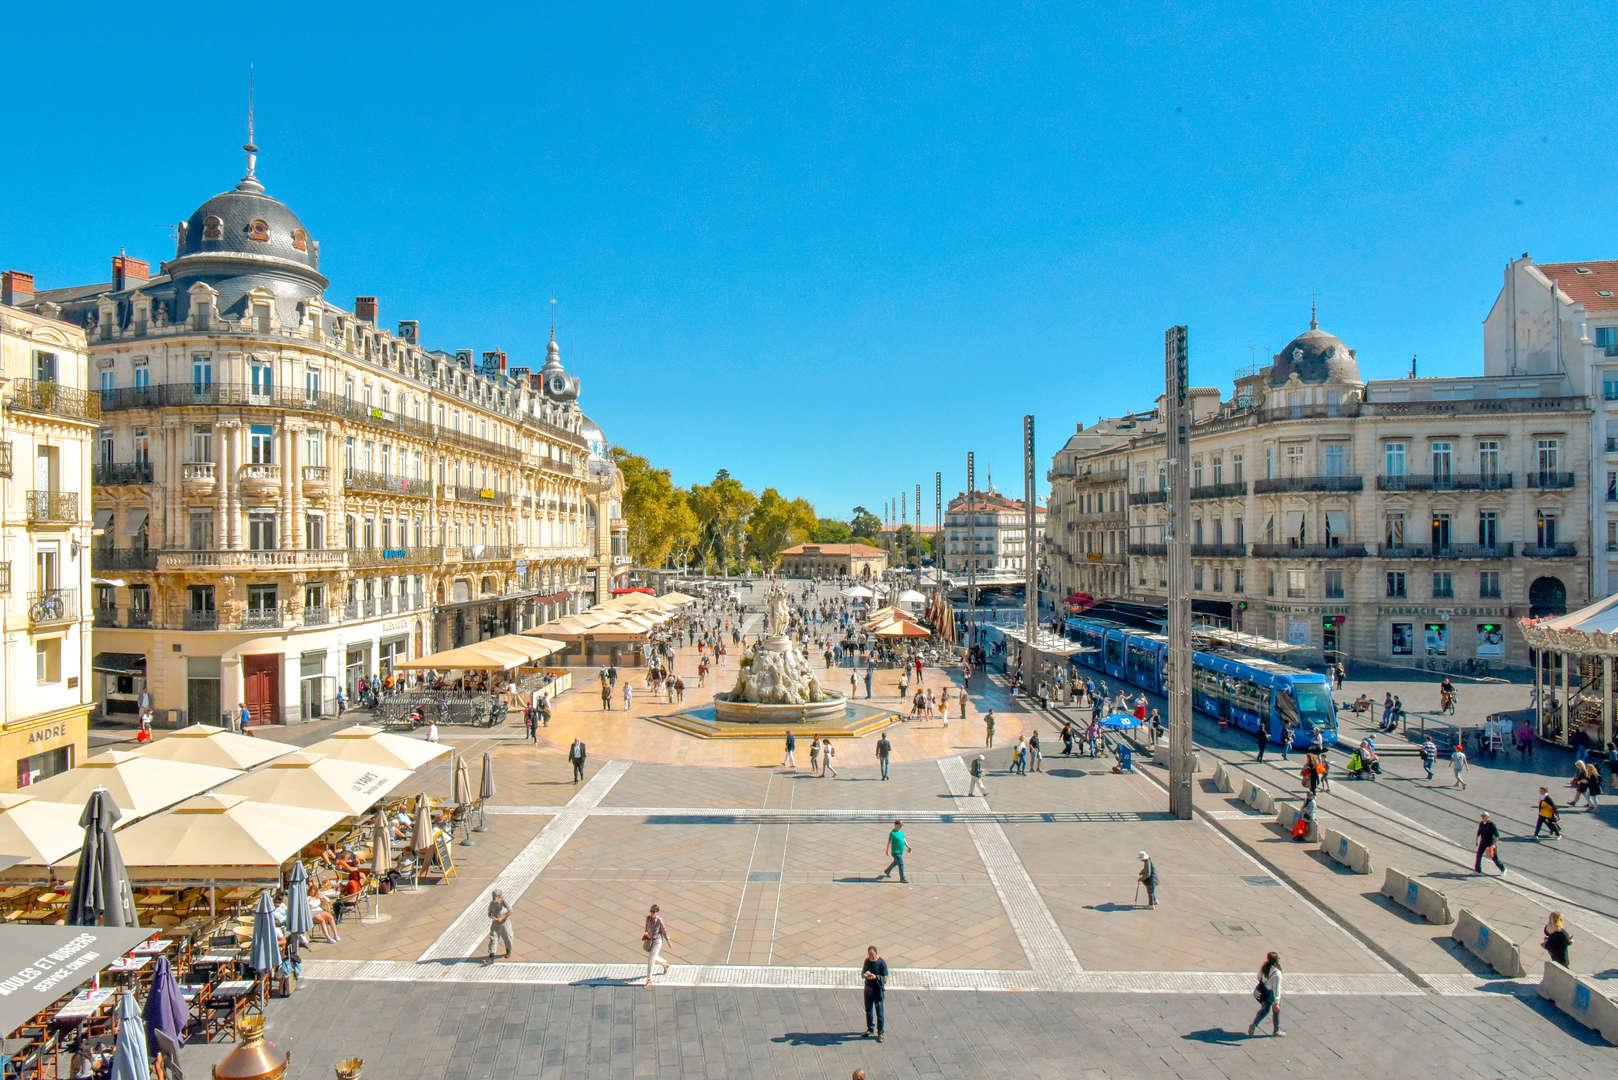 Área da Place de la Comédie em Montpellier